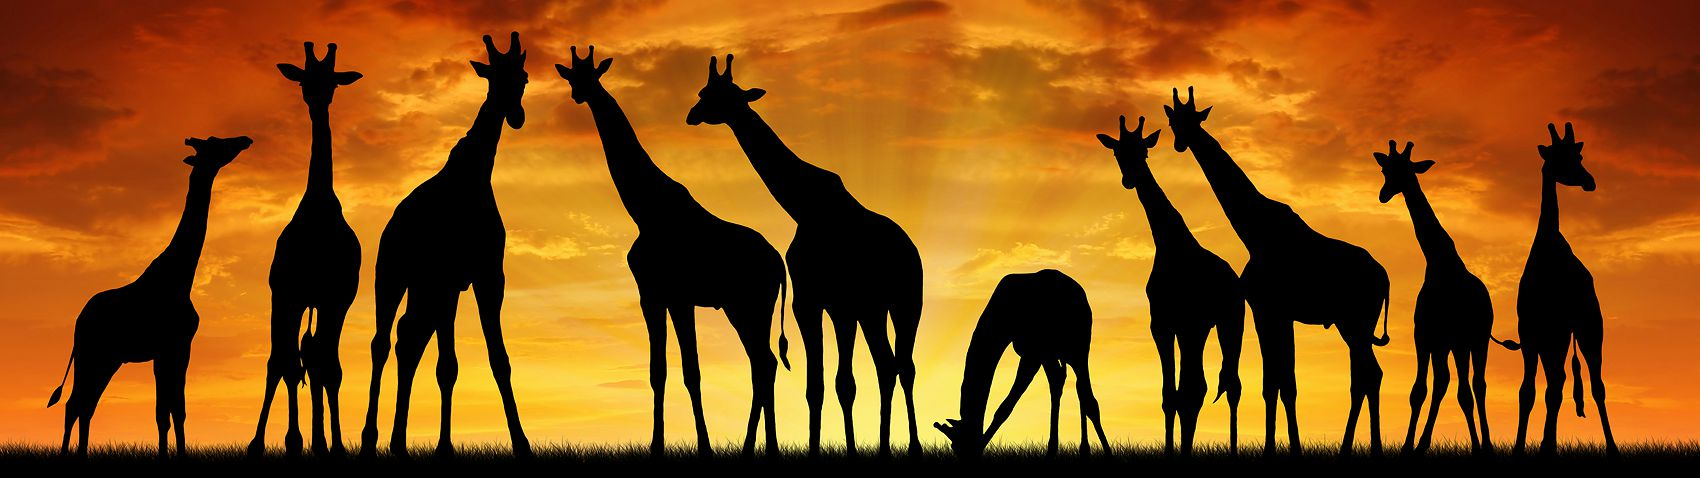 Закат в Африке с жирафами